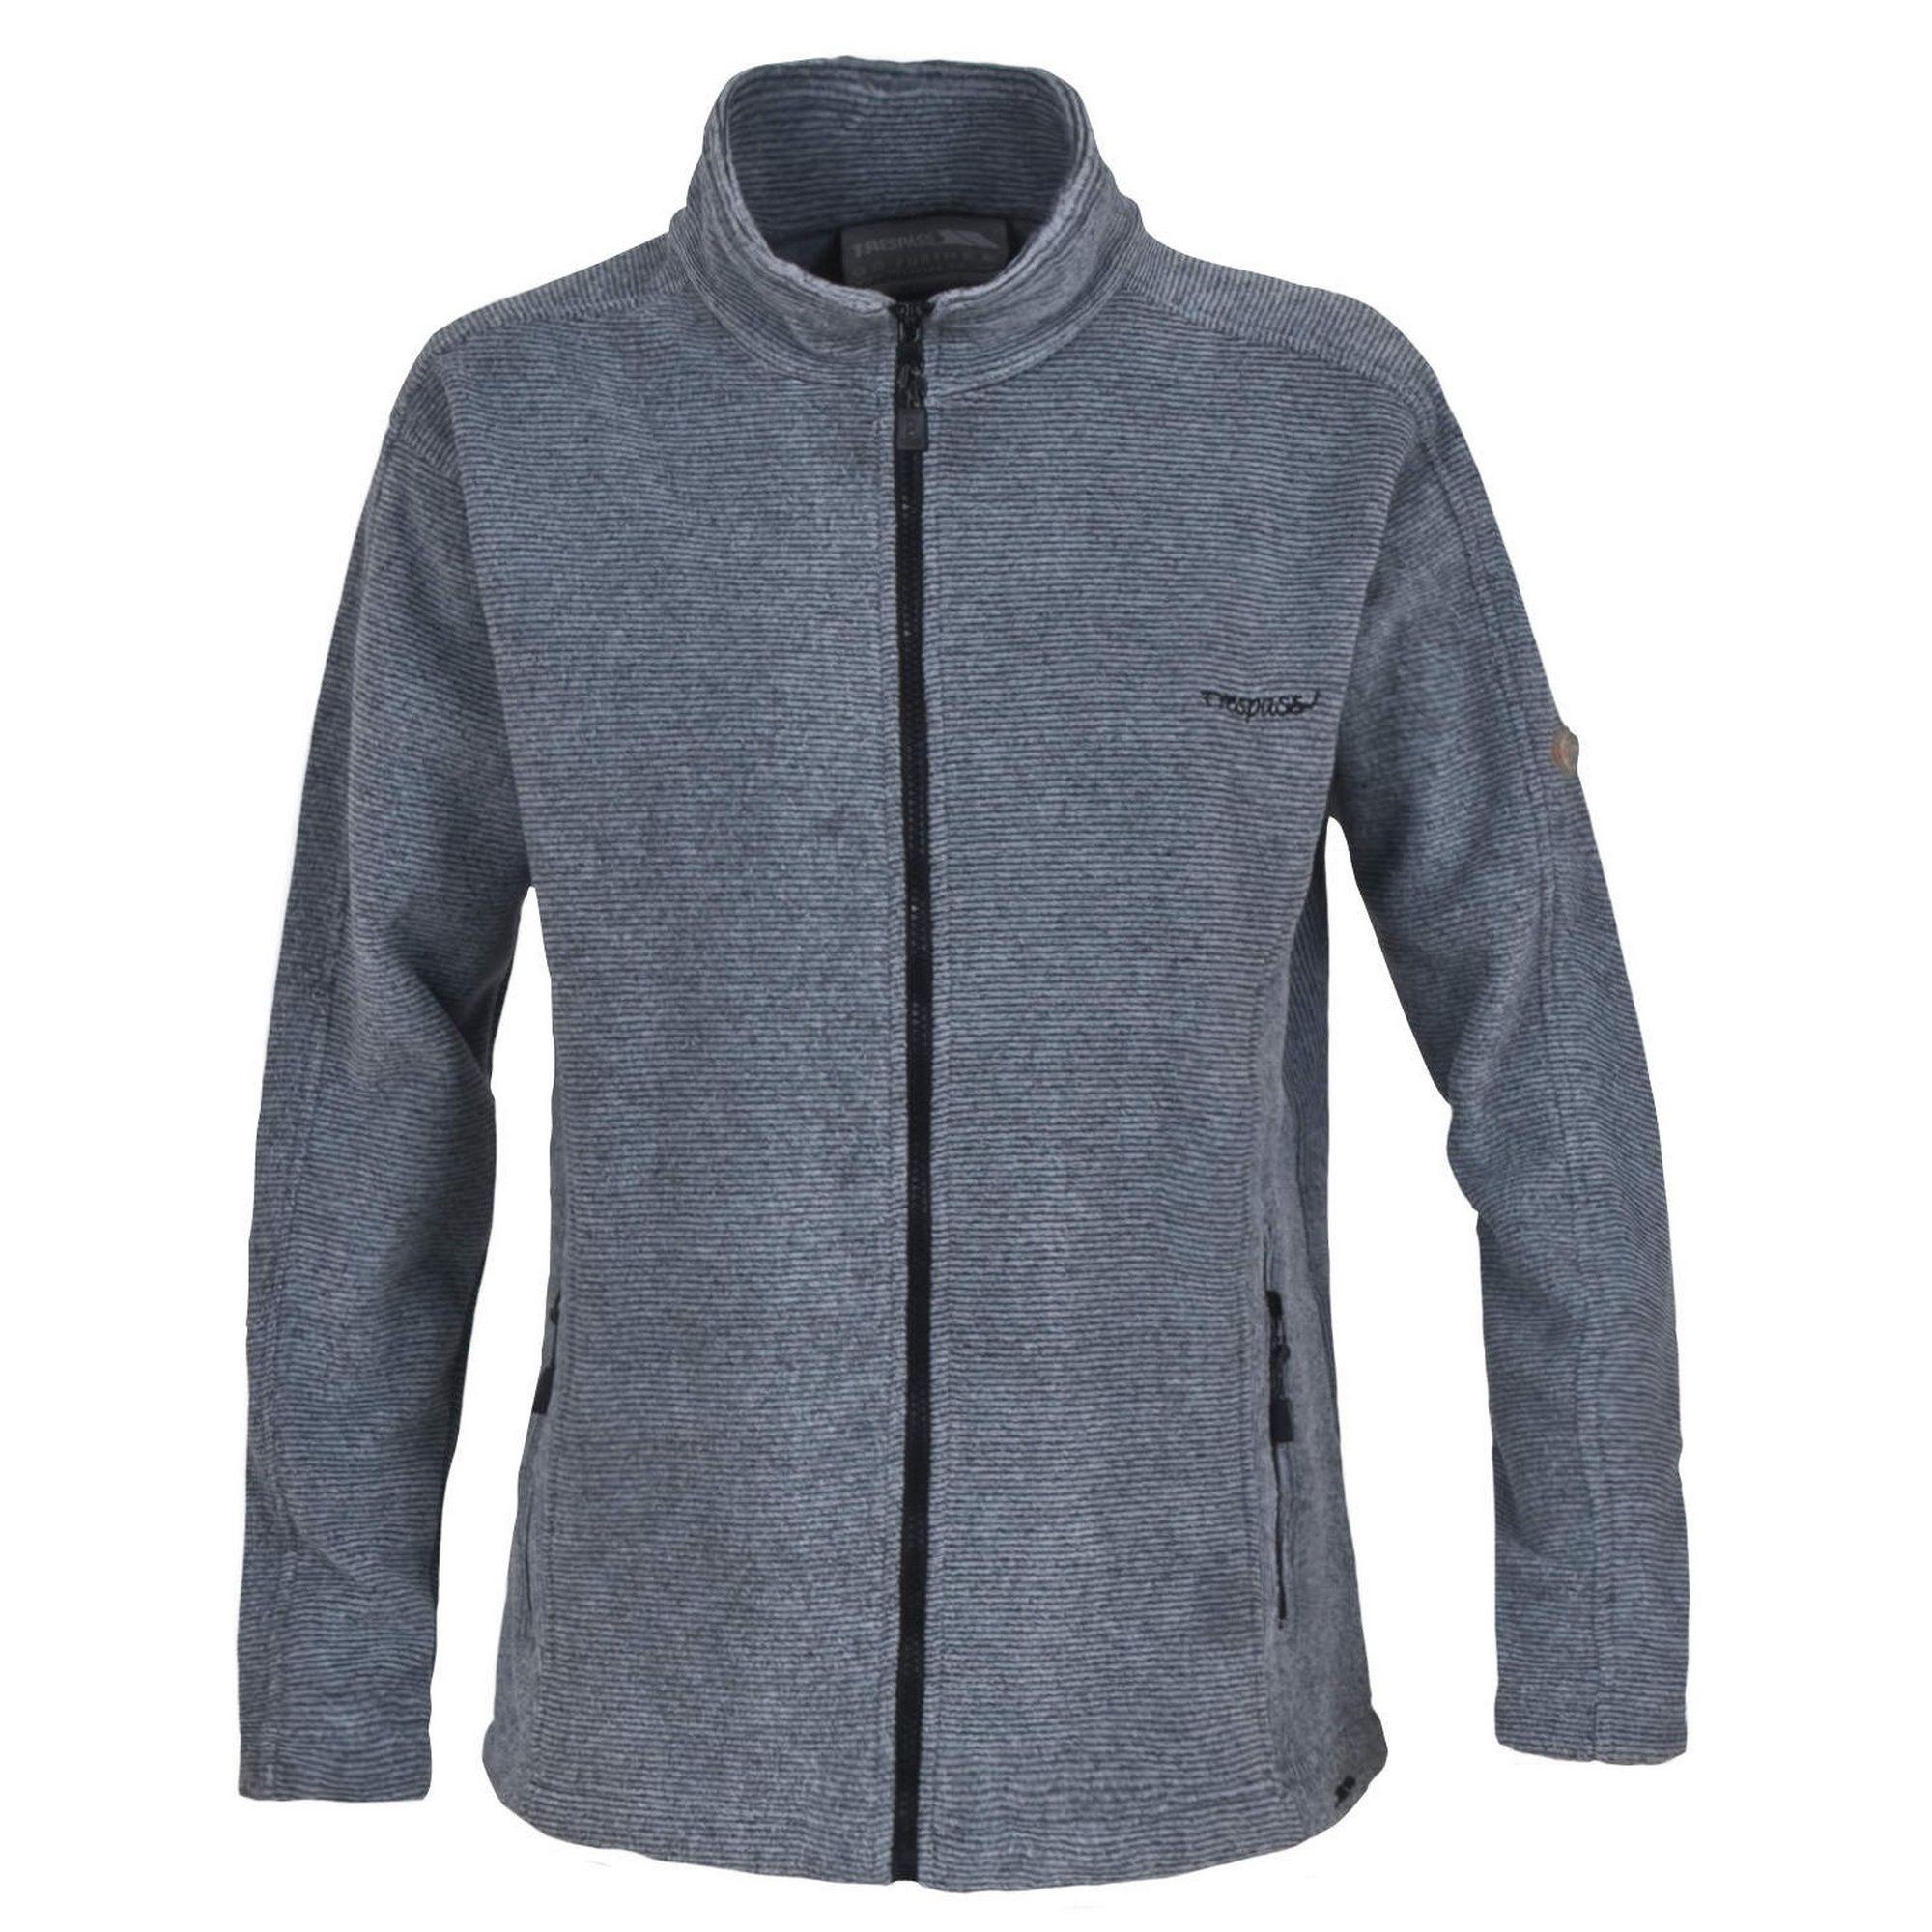 Trespass Womens/Ladies Minx Full Zip Fleece Jacket